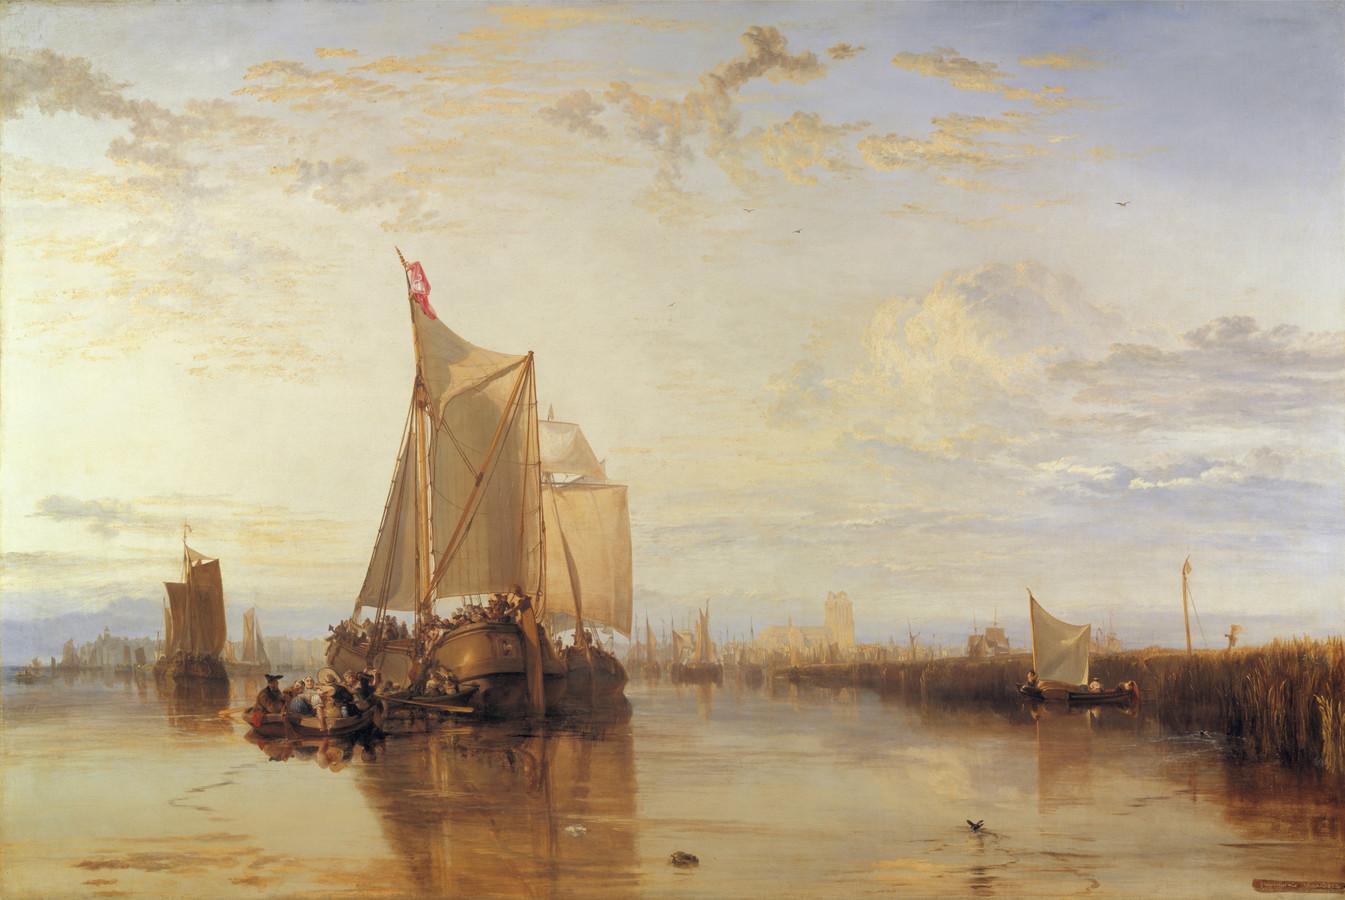 Misschien wel het mooiste schilderij van William Turner: Dort or Dordrecht: The Dort Packet-boat from Rotterdam Becalmed. Op het schilderij markschuit de Zwaan waar Turner ook op voer.